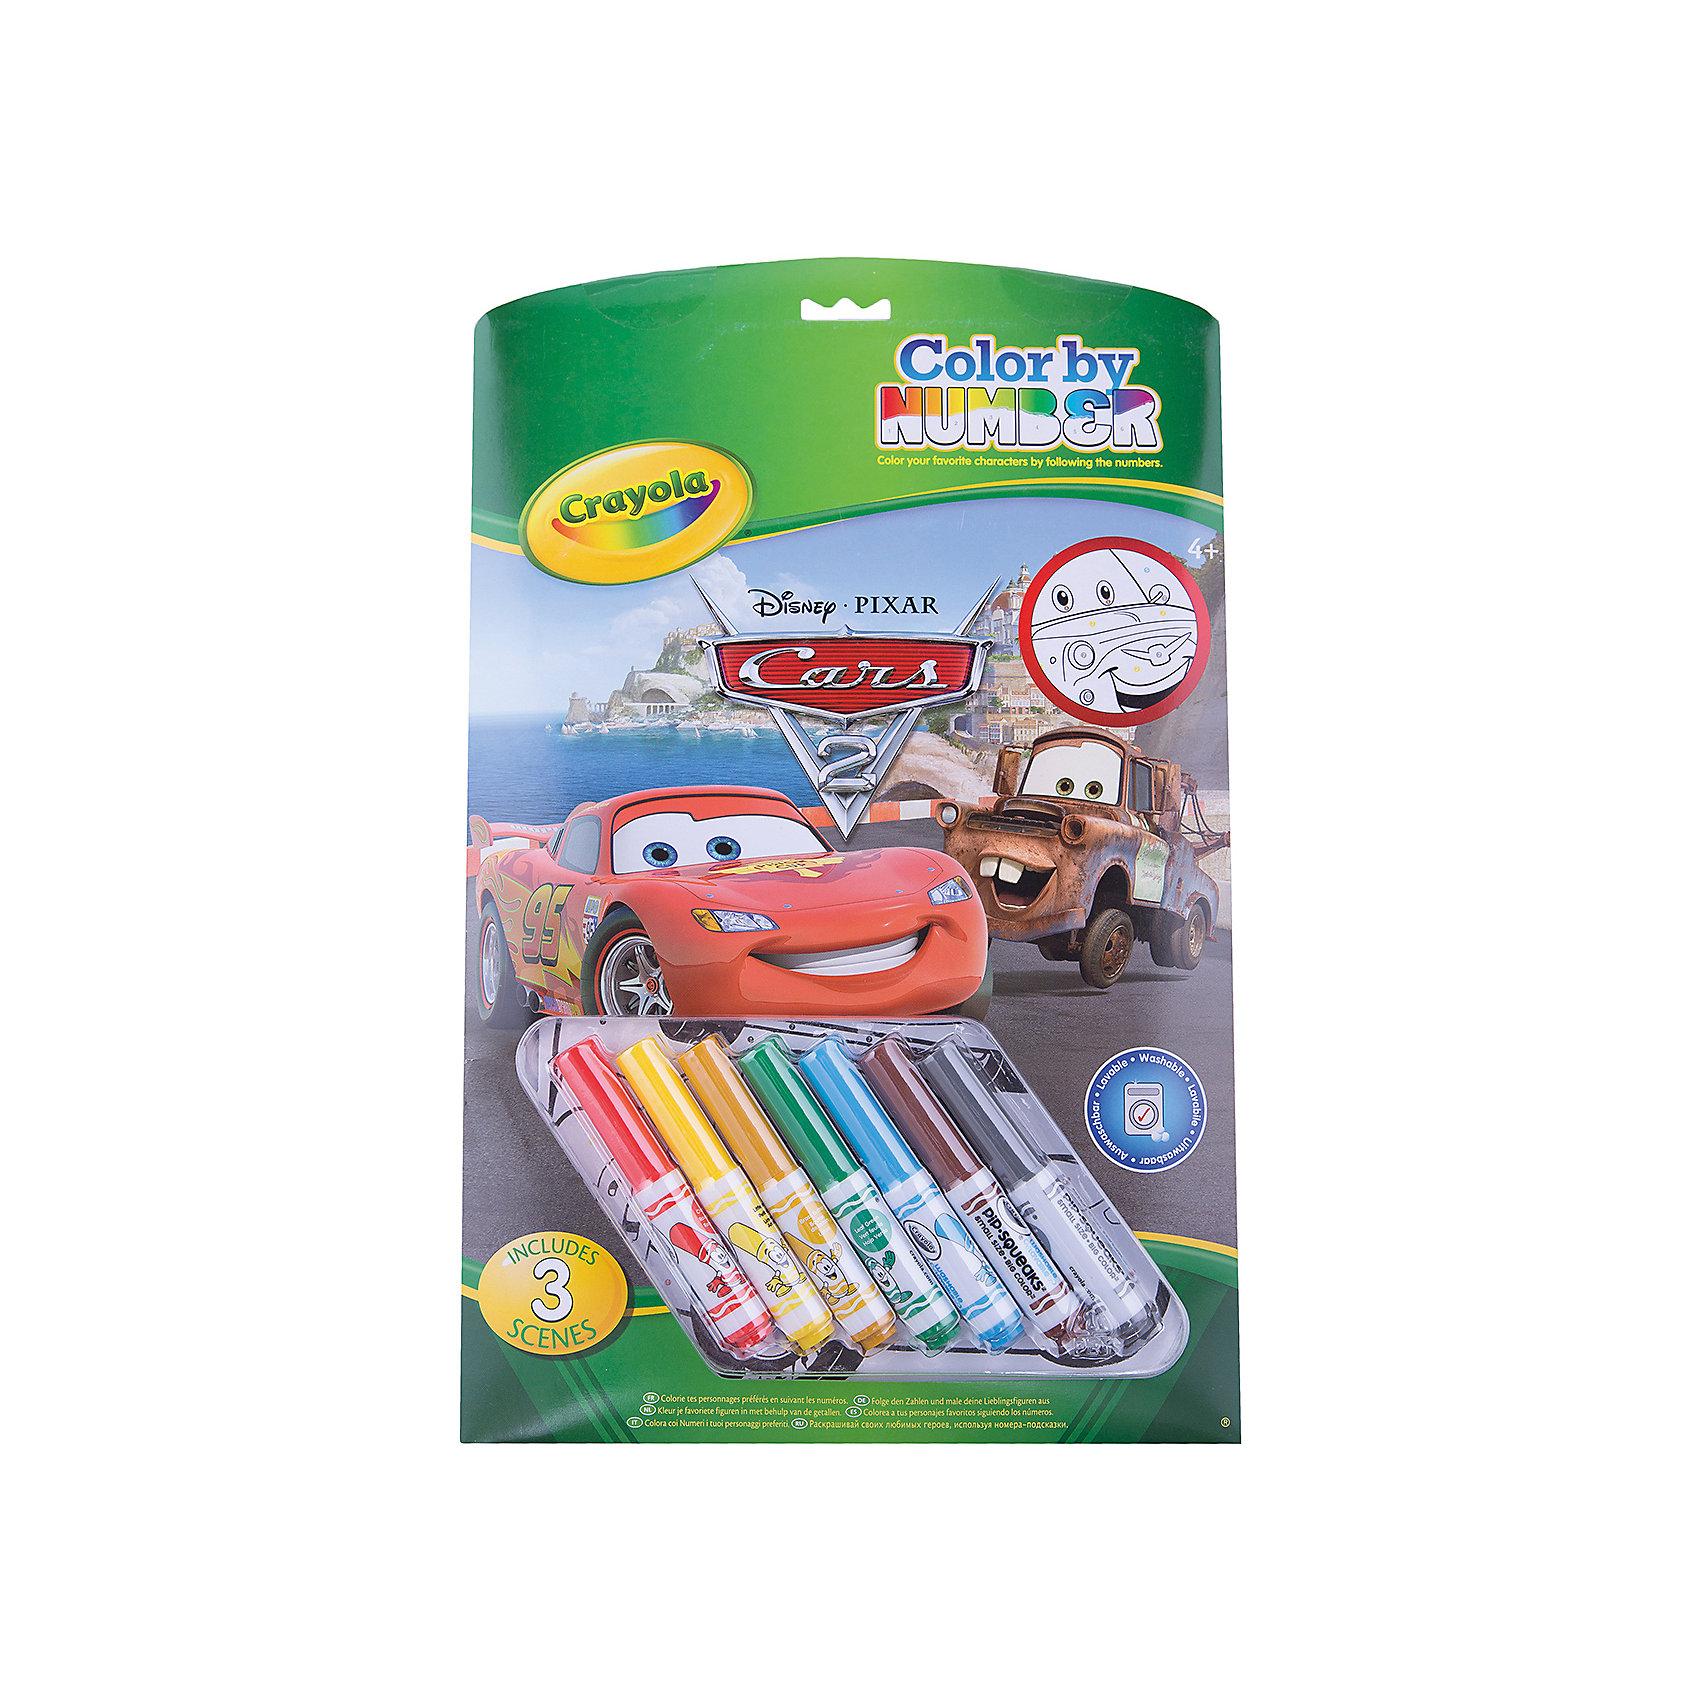 Раскраска по номерам Тачки, CrayolaРаскраска по номерам Тачки (Cars), Crayola.<br><br>Такие раскраски современные родители наверняка раскрашивали в своем детстве. Поле в них состоит из замкнутых пронумерованных областей, причем каждой области соответствует определенный цвет, в который её нужно раскрасить. Подбирать фломастеры  или цветные карандаши не придется – семь небольших маркеров уже есть в наборе, и их вполне хватит, чтобы не только раскрасить все рисунки этой раскраски, но ещё и нарисовать ещё много интересных вещей. <br>Как и любая раскраска, «Тачки (Cars)» формирует у ребенка представление о цвете. За счет того, что поля отмечены различными номерами, дополнительно малыш учит цифры, ставя им в соответствие названия цветов – психологи отмечают, что такой метод способствует лучшему усвоению материала. Ребенок приобретает художественные навыки; а кроме того, кропотливая работа по раскрашиванию способствует повышению усидчивости и аккуратности малыша.<br><br>Станет прекрасным подарком любому малышу!<br>Можно легко приобрести в нашем интернет магазине<br><br>Ширина мм: 373<br>Глубина мм: 238<br>Высота мм: 25<br>Вес г: 337<br>Возраст от месяцев: 60<br>Возраст до месяцев: 120<br>Пол: Мужской<br>Возраст: Детский<br>SKU: 2127062